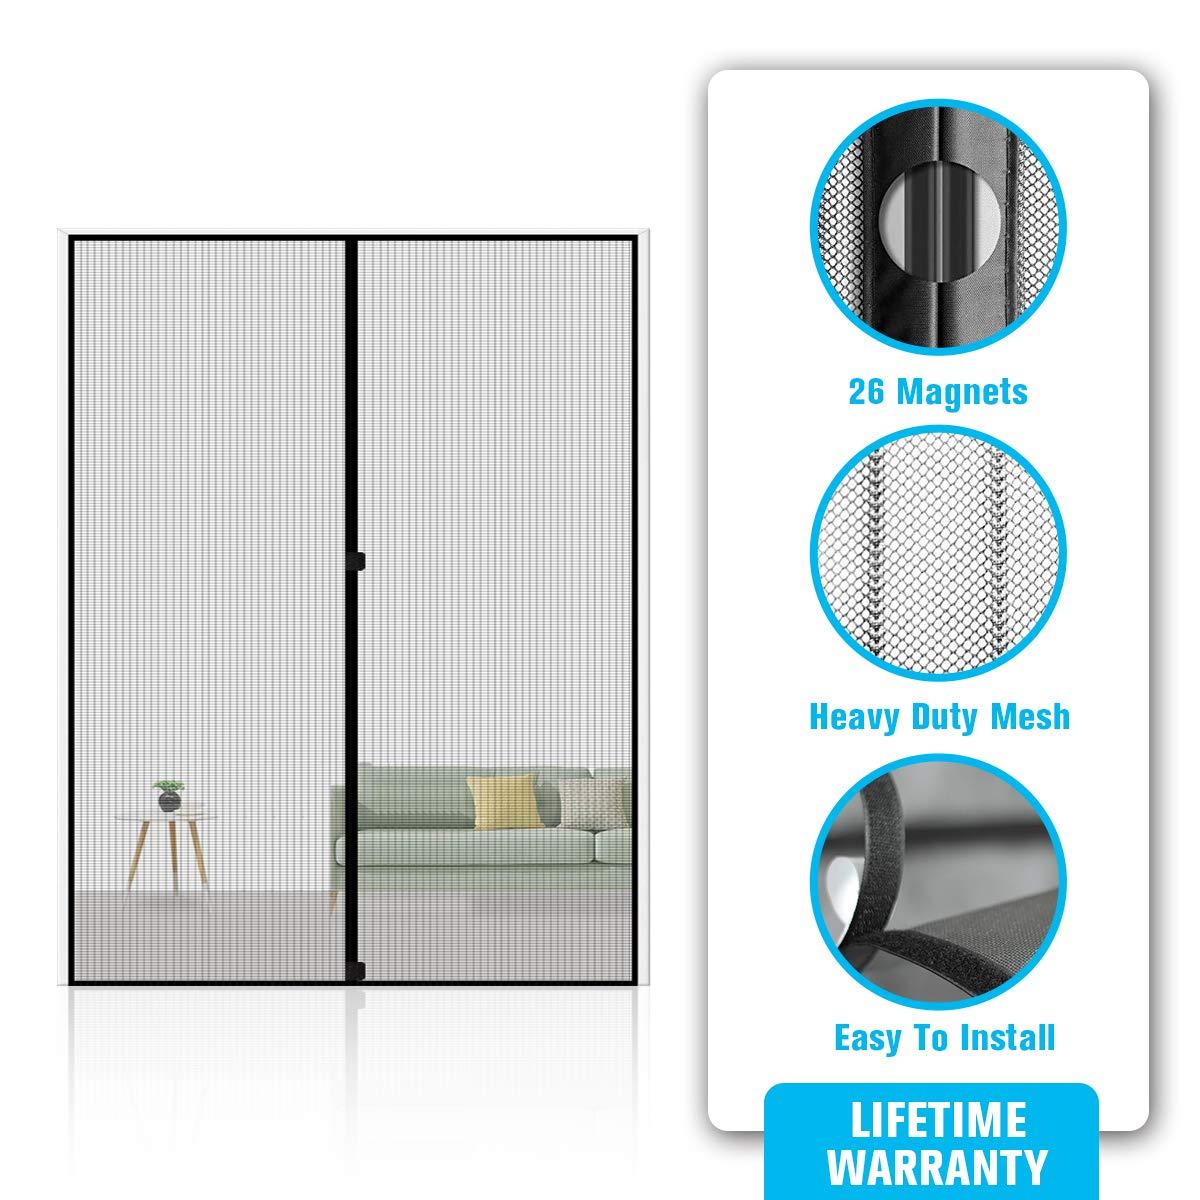 Black Magnetic Screen Door,Reinforced Heavy Duty Mesh Curtain Screen Doors with Magnets French Door Screen Full Frame Velcro Easy Installation Screen Door Mesh Kit Fits 70 x 80 Max Door Size